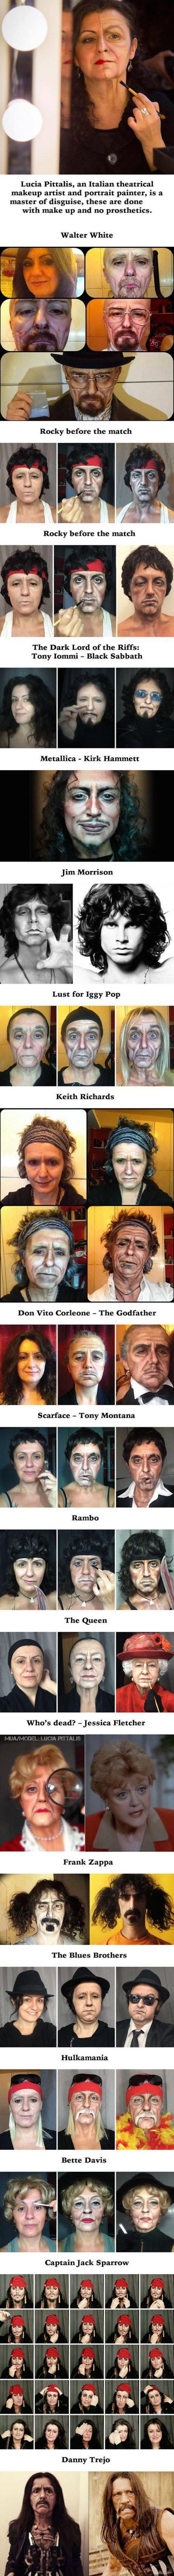 woman-make-up-famous-men-2